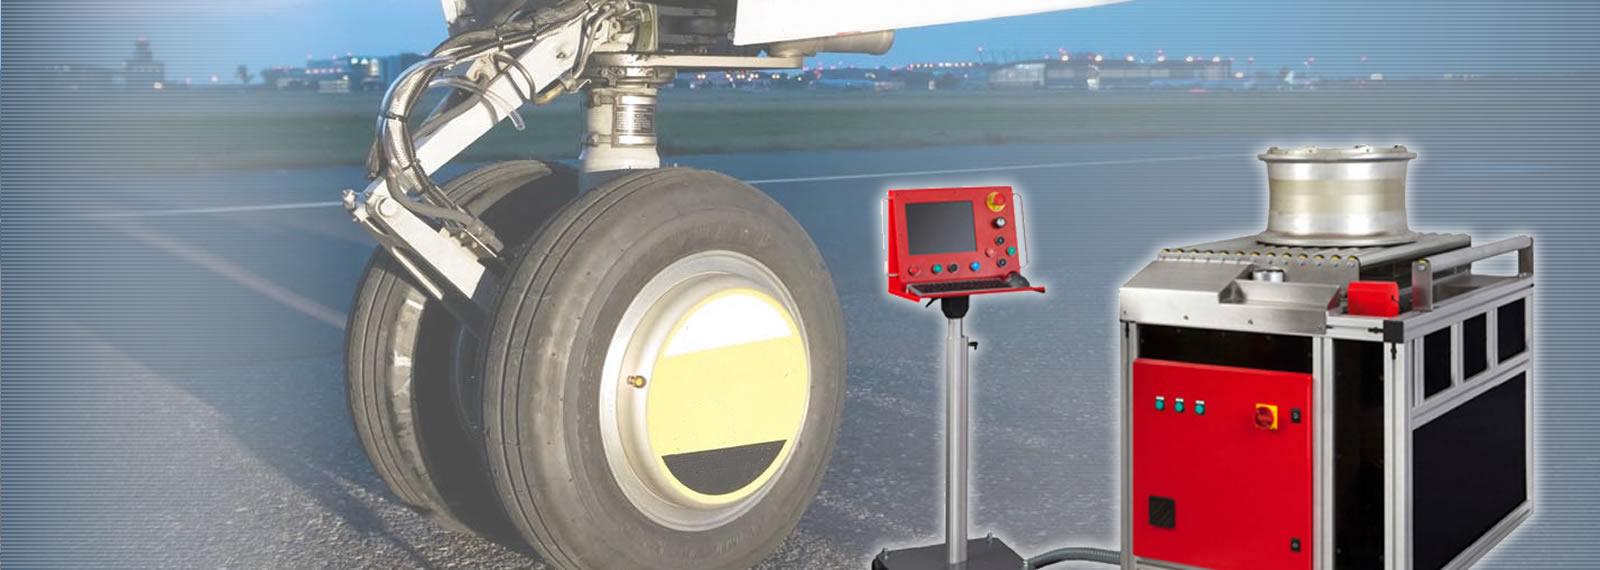 veescan-h-sistemas-de-inspecao-de-rodas-de-aeronaves-3